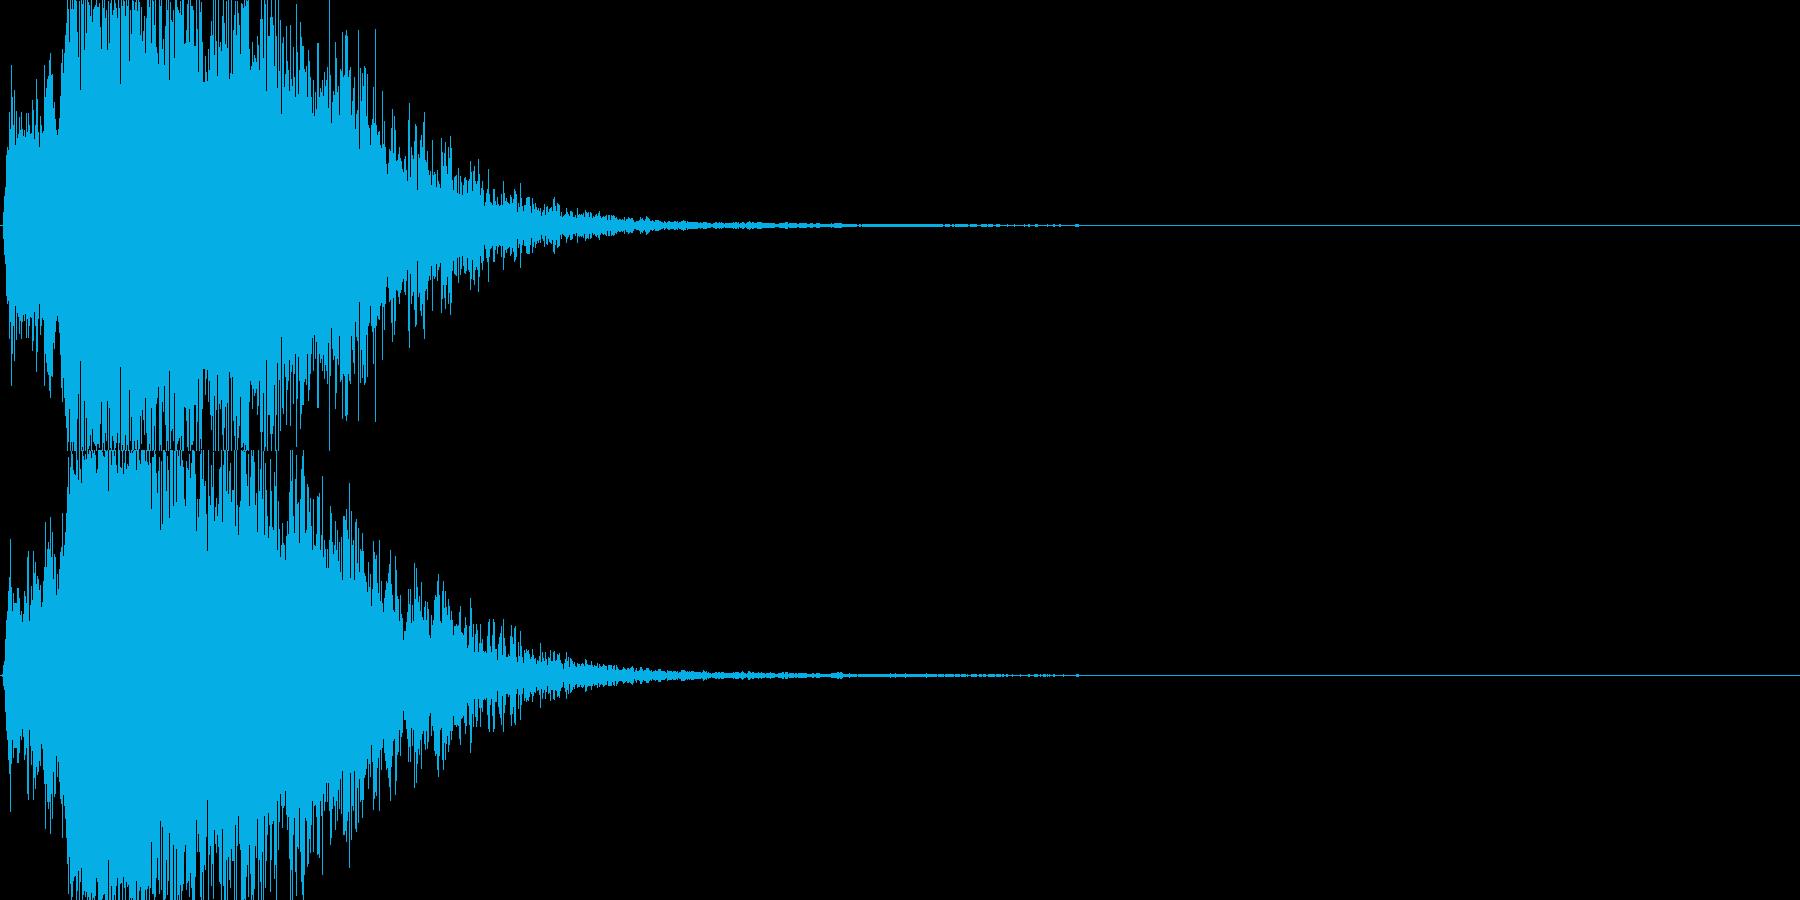 バフを掛けてステータスアップの再生済みの波形